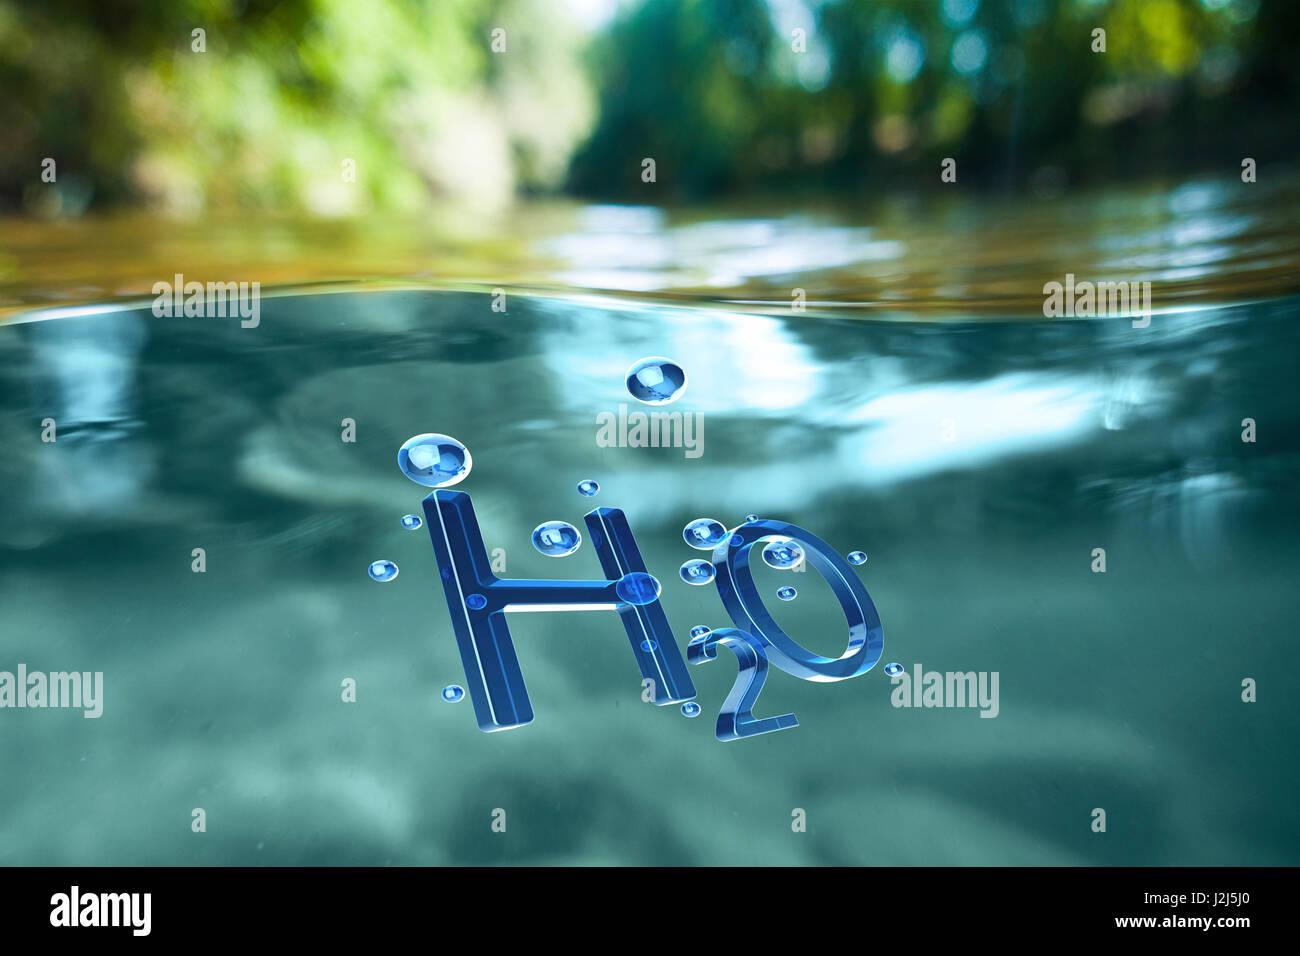 Das chemische Symbol für Wasser, H2O. Stockbild